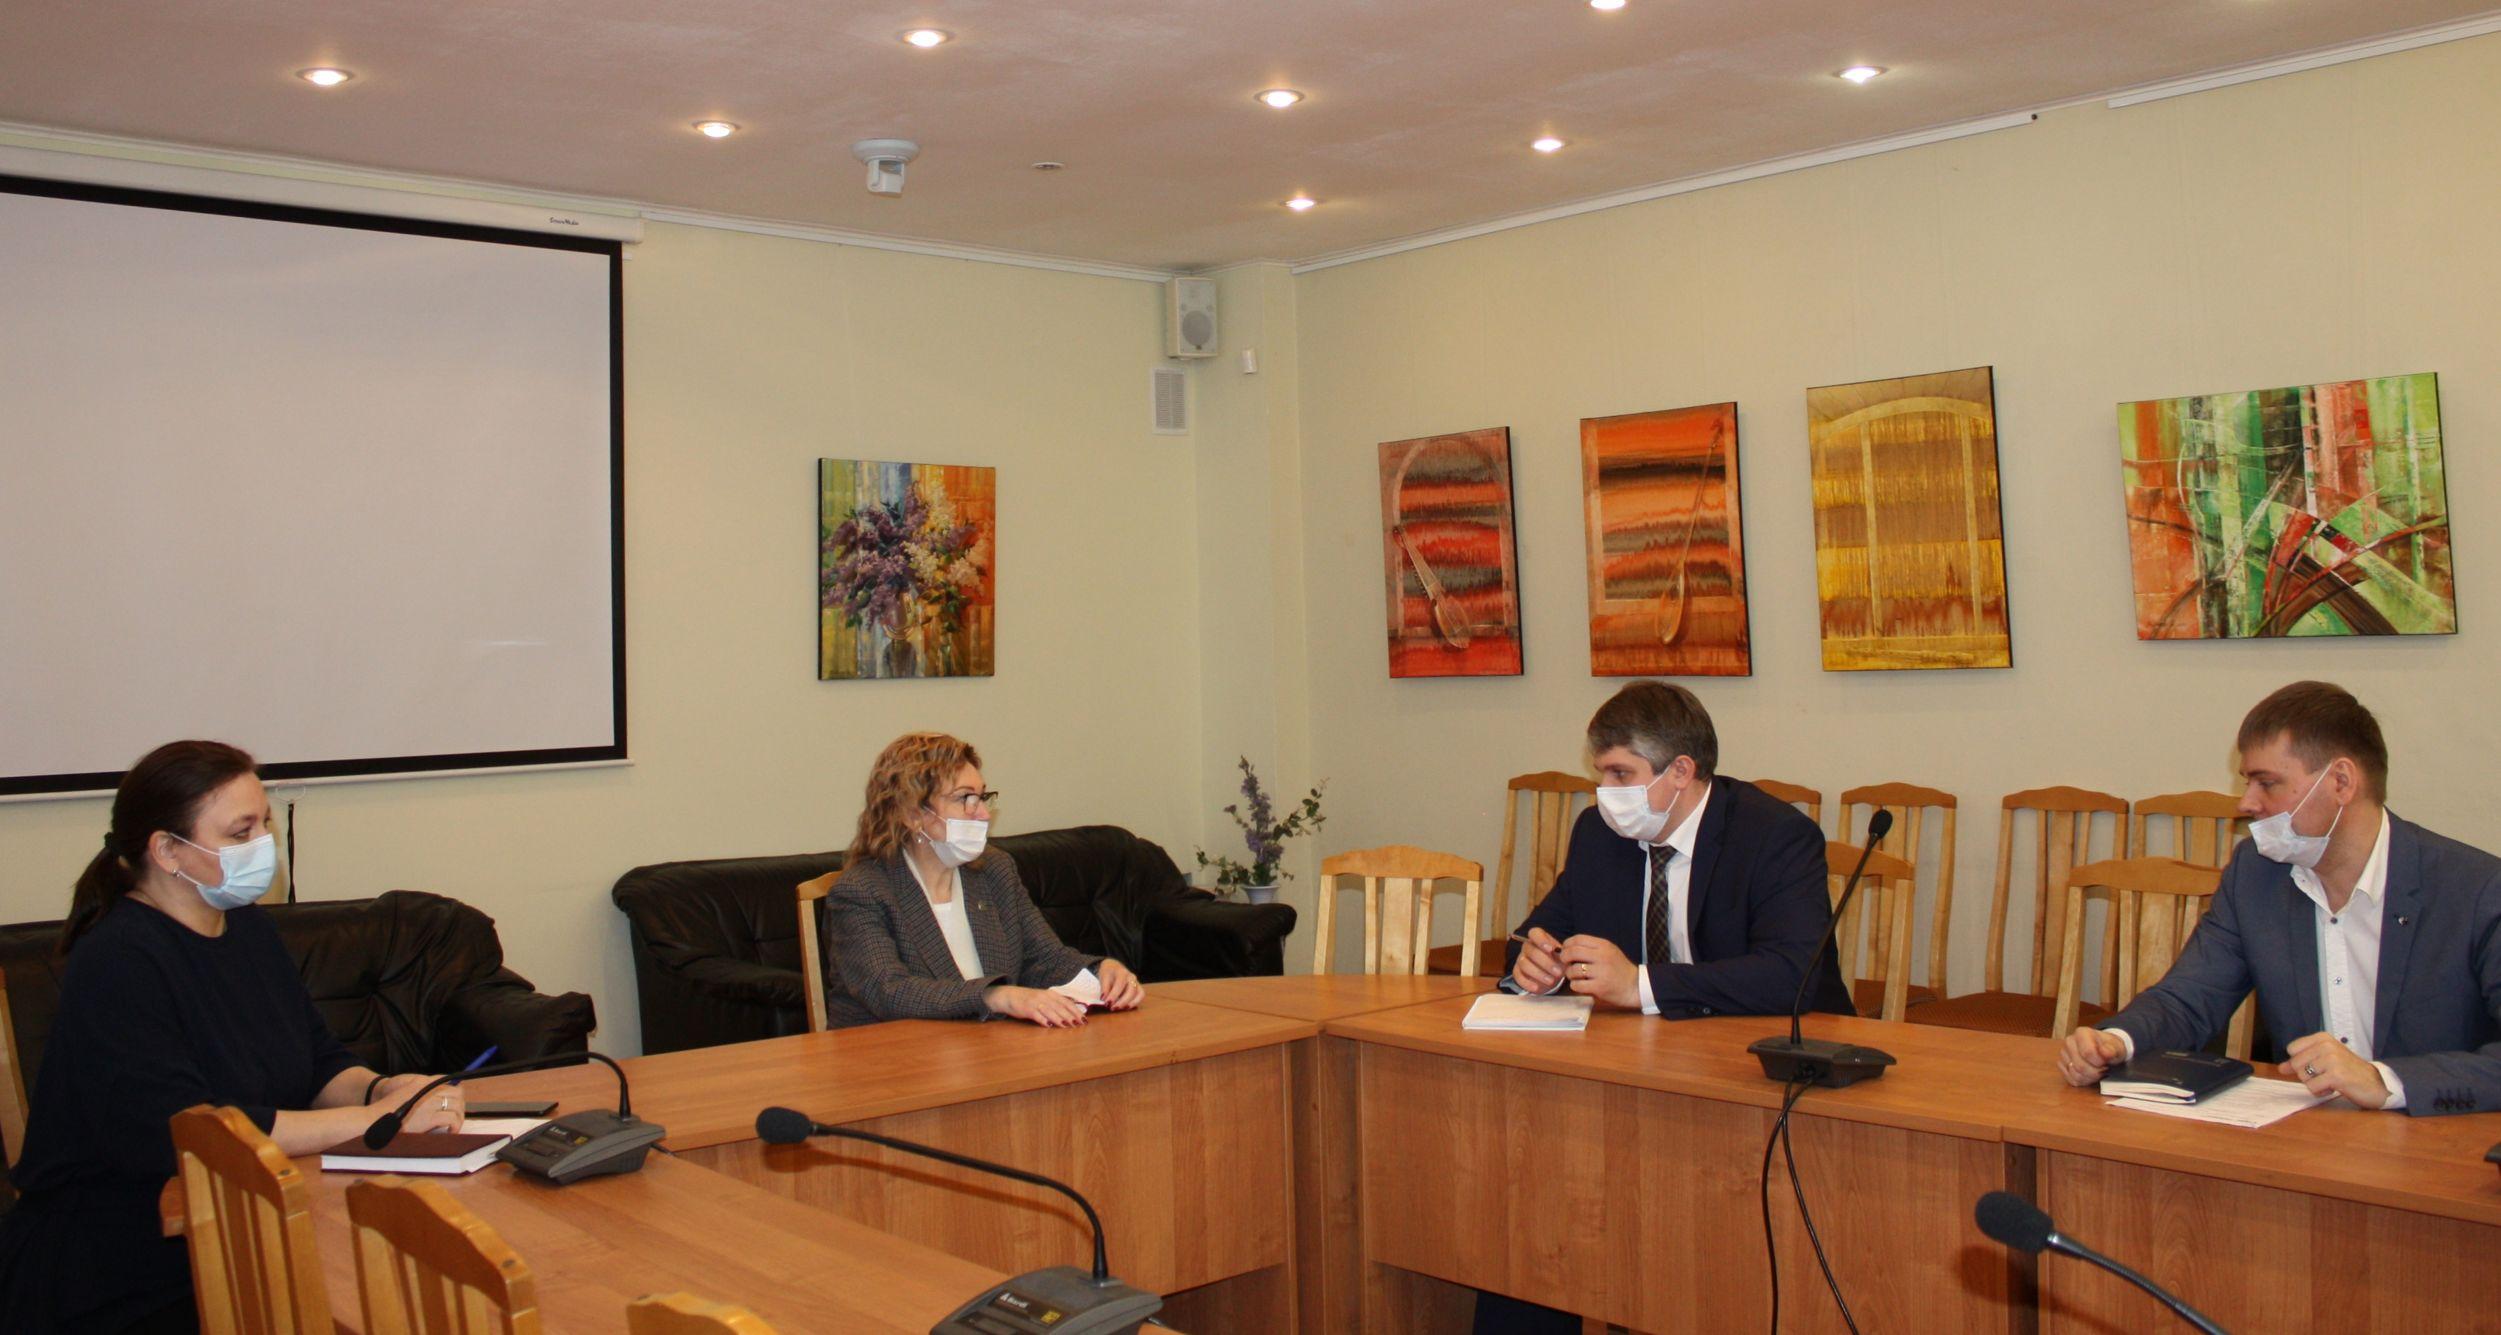 Ярославцы примут участие в первом межрегиональном форуме частных музеев России